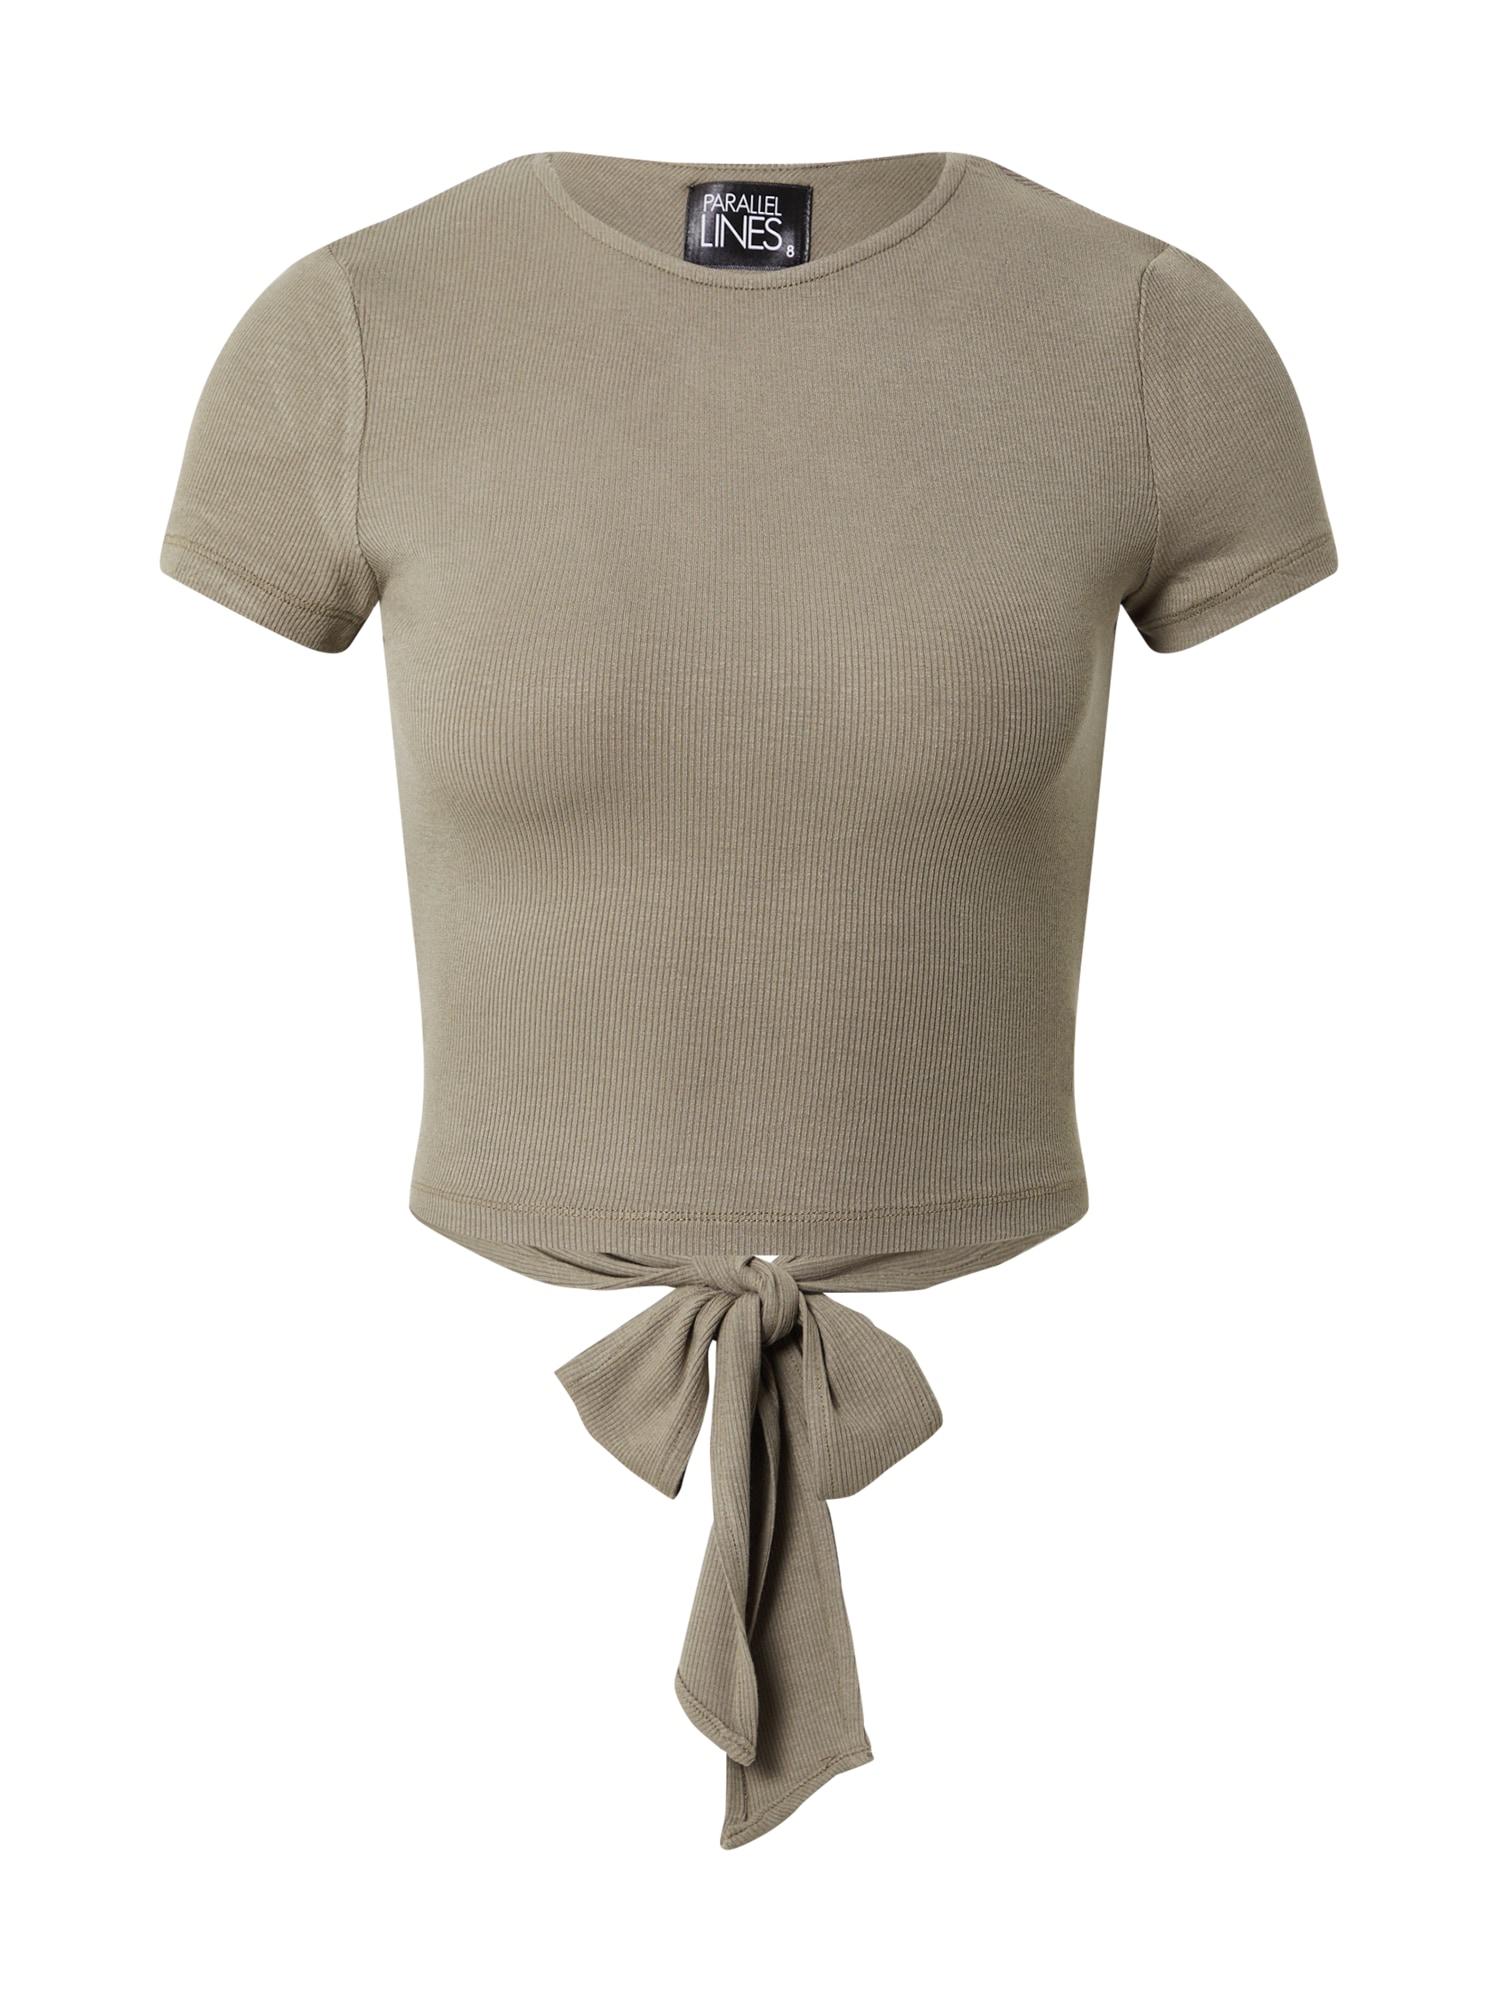 Parallel Lines Marškinėliai alyvuogių spalva